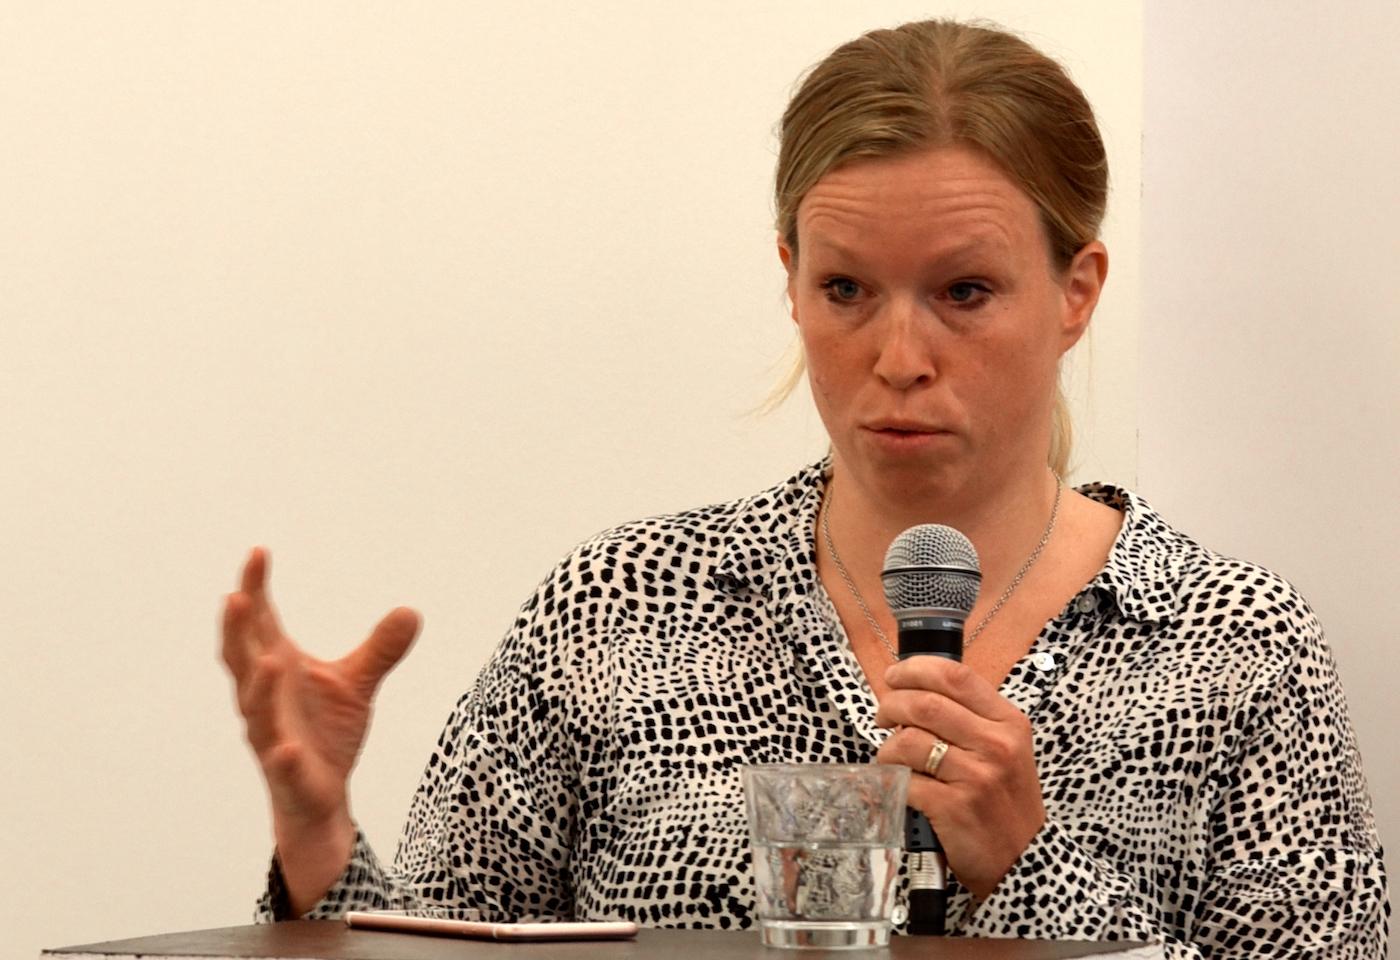 """Elin Karlsson, 2:e vice ordförande i Sjukhusläkarna, deltog i fyra paneler och en mängd slutna rundabordssamtal under Almedalsveckan. """"Det är väldigt kul med de stora debatterna, men samtidigt känns det som om man under de lite mindre mötena, där man kan utveckla på ett annat sätt än i en panel, kan nå längre"""", säger hon."""